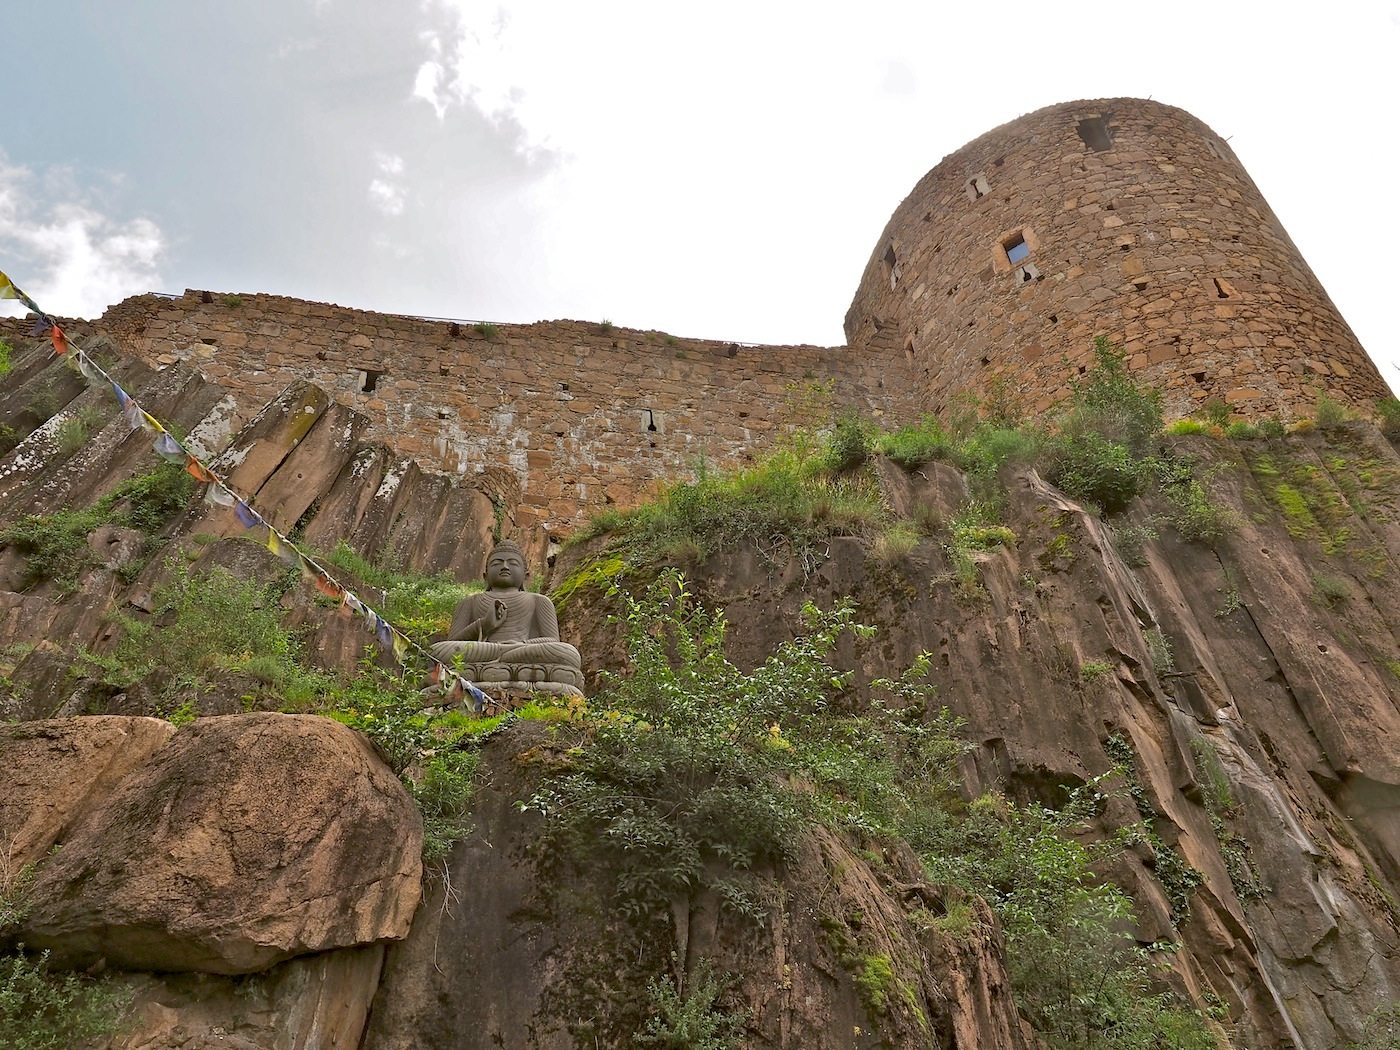 Buddha vor Burg.  Mit bis zu fünf Meter starken Mauern ließ Herzog Sigismund sein nach ihm benanntes Lieblingsschloss um 1475 schützen. Das weitläufige Gelände und die Türme der Festung auf dem Porphyrfelsen über Bozen bieten viel Platz für die Auswahl aus Reinhold Messners riesiger Sammlung.